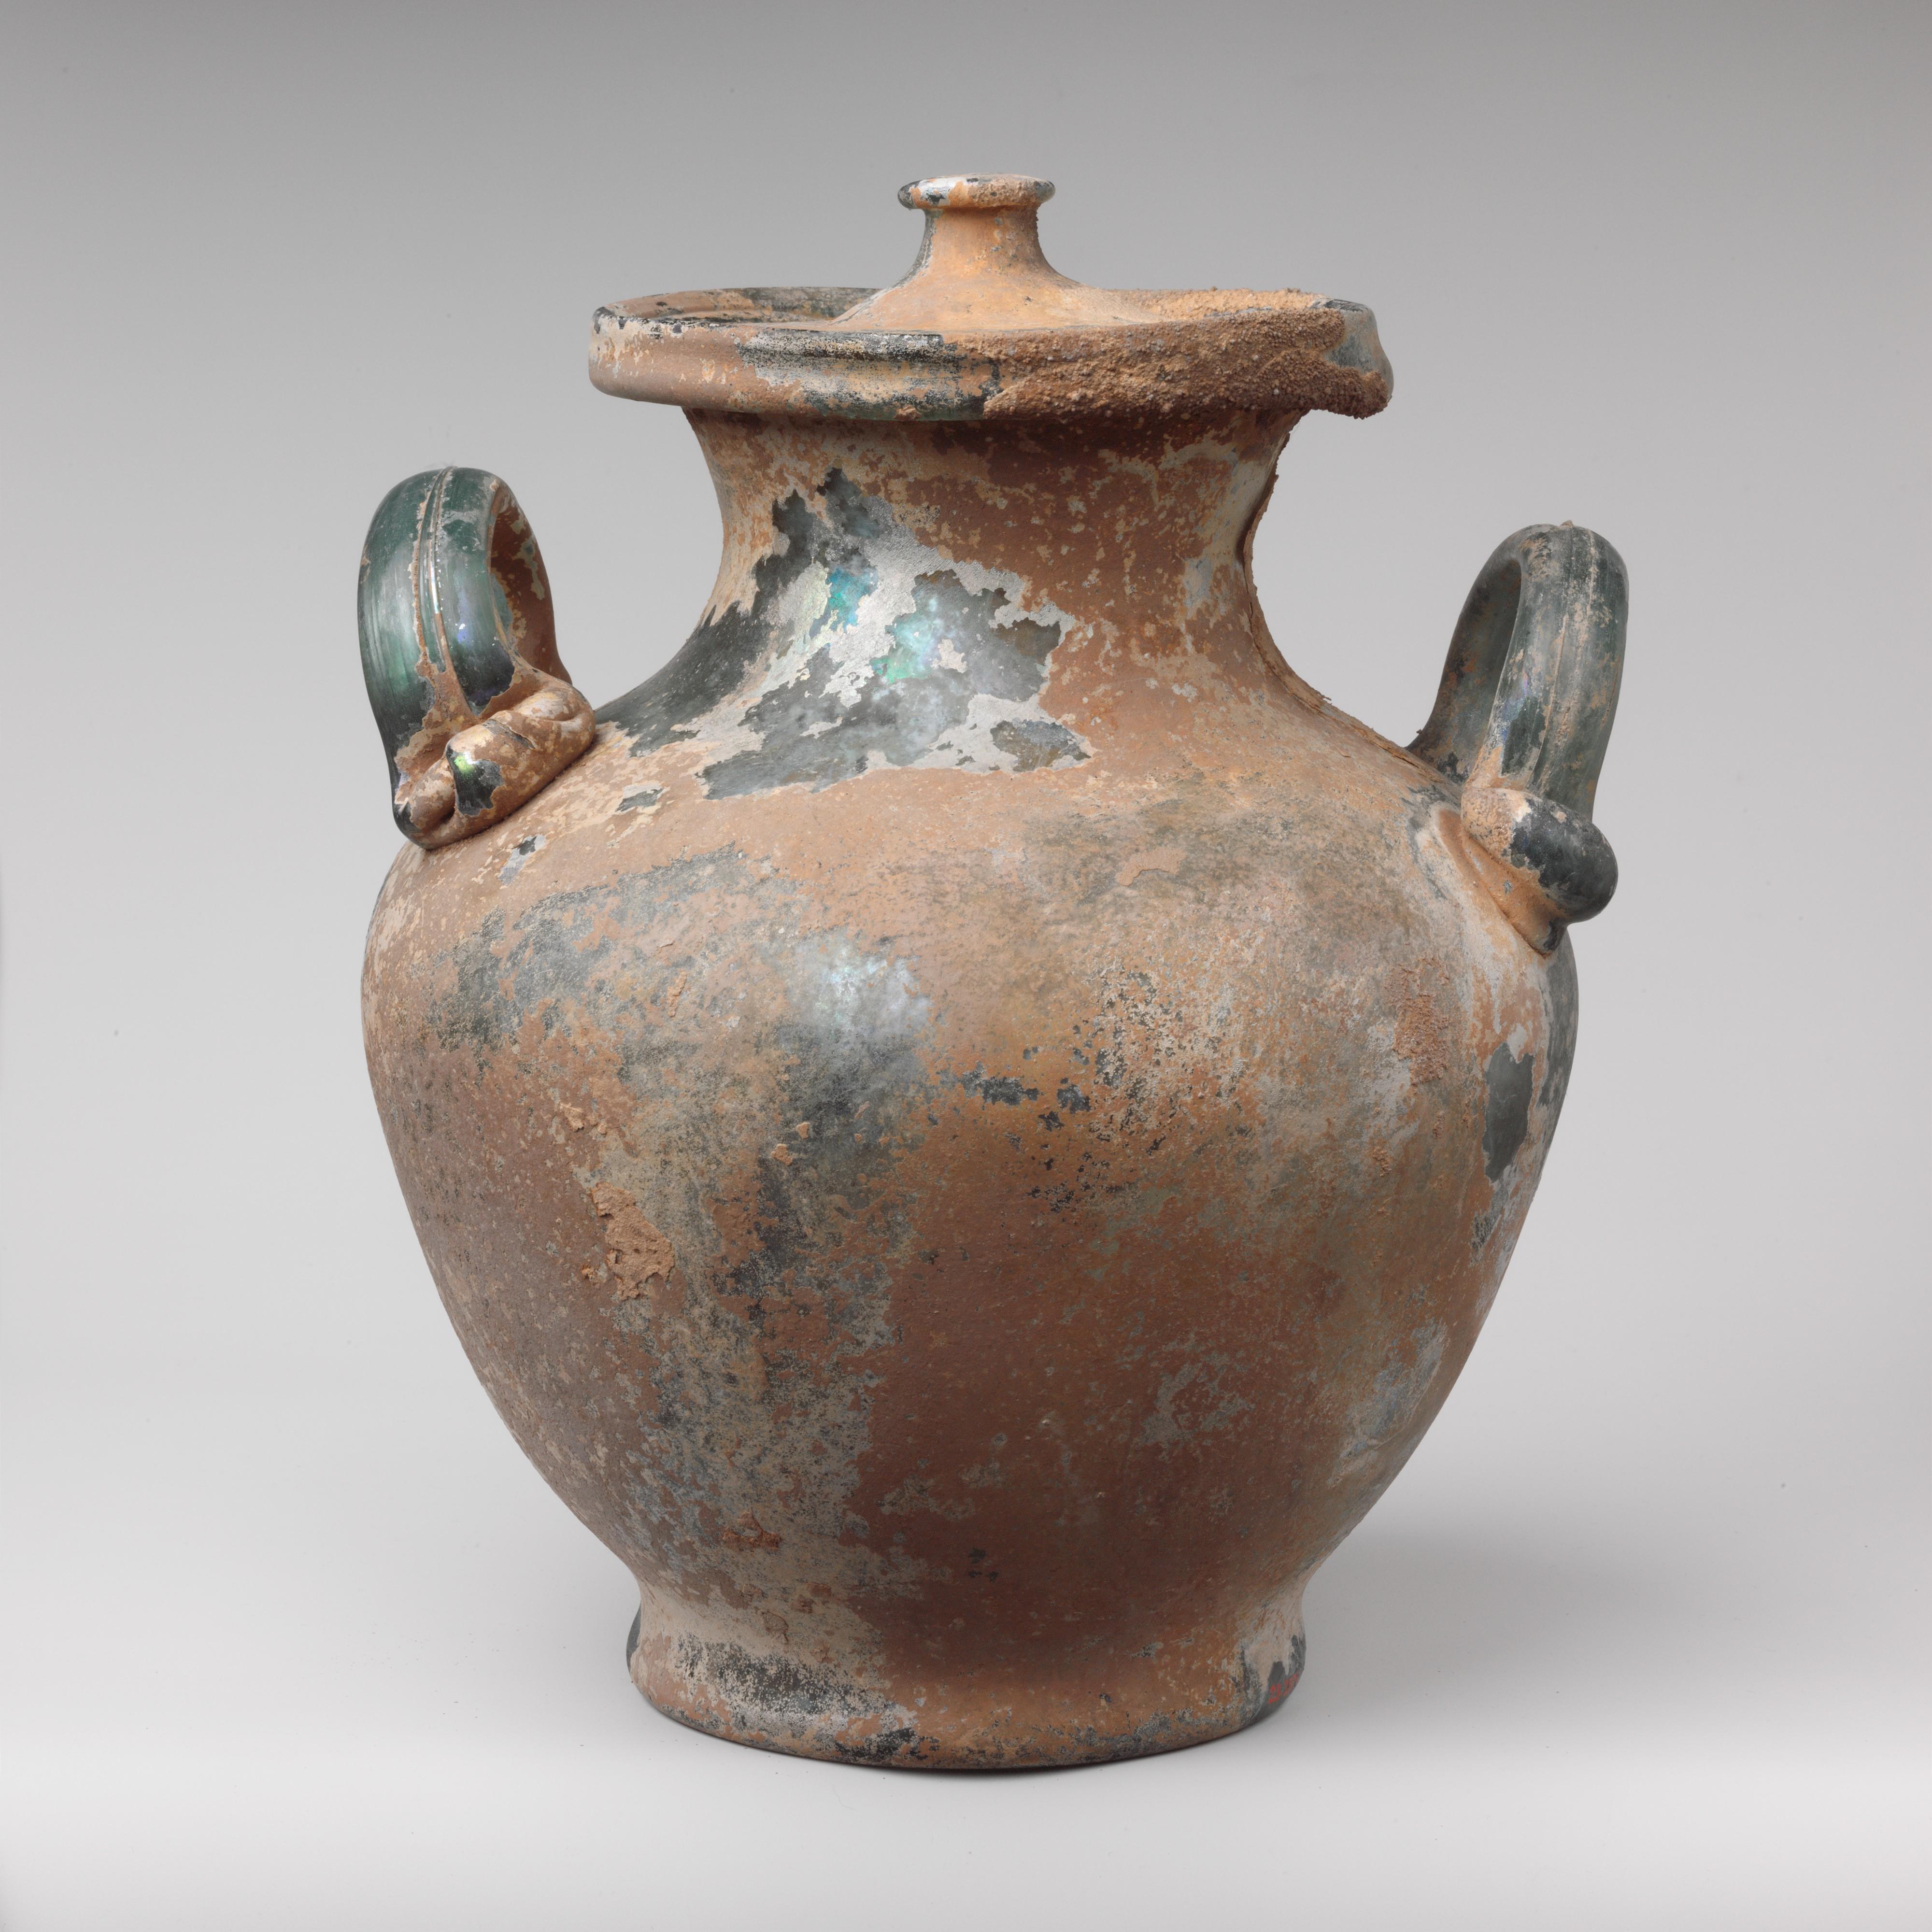 من المقتنيات الأثرية التي تعود للقرن الأول الميلادي